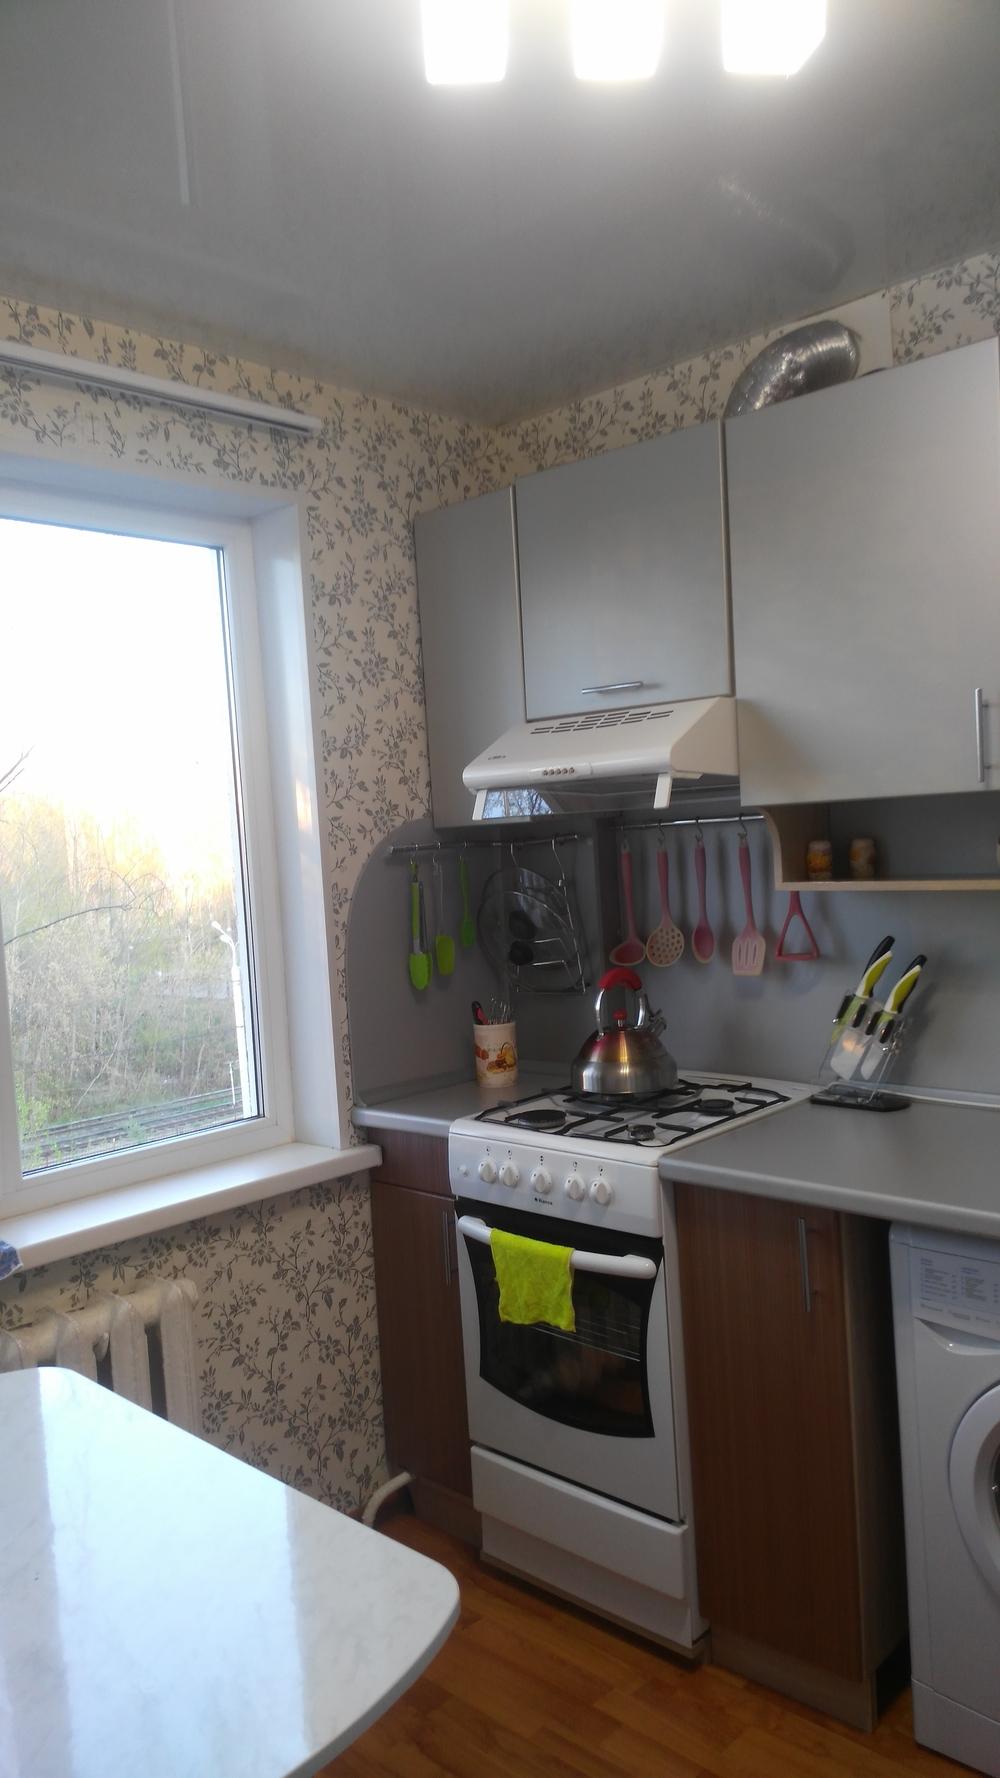 продаётся 2-х комнатная, просторная, очень уютная квартира,в тихом районе,но с разв...